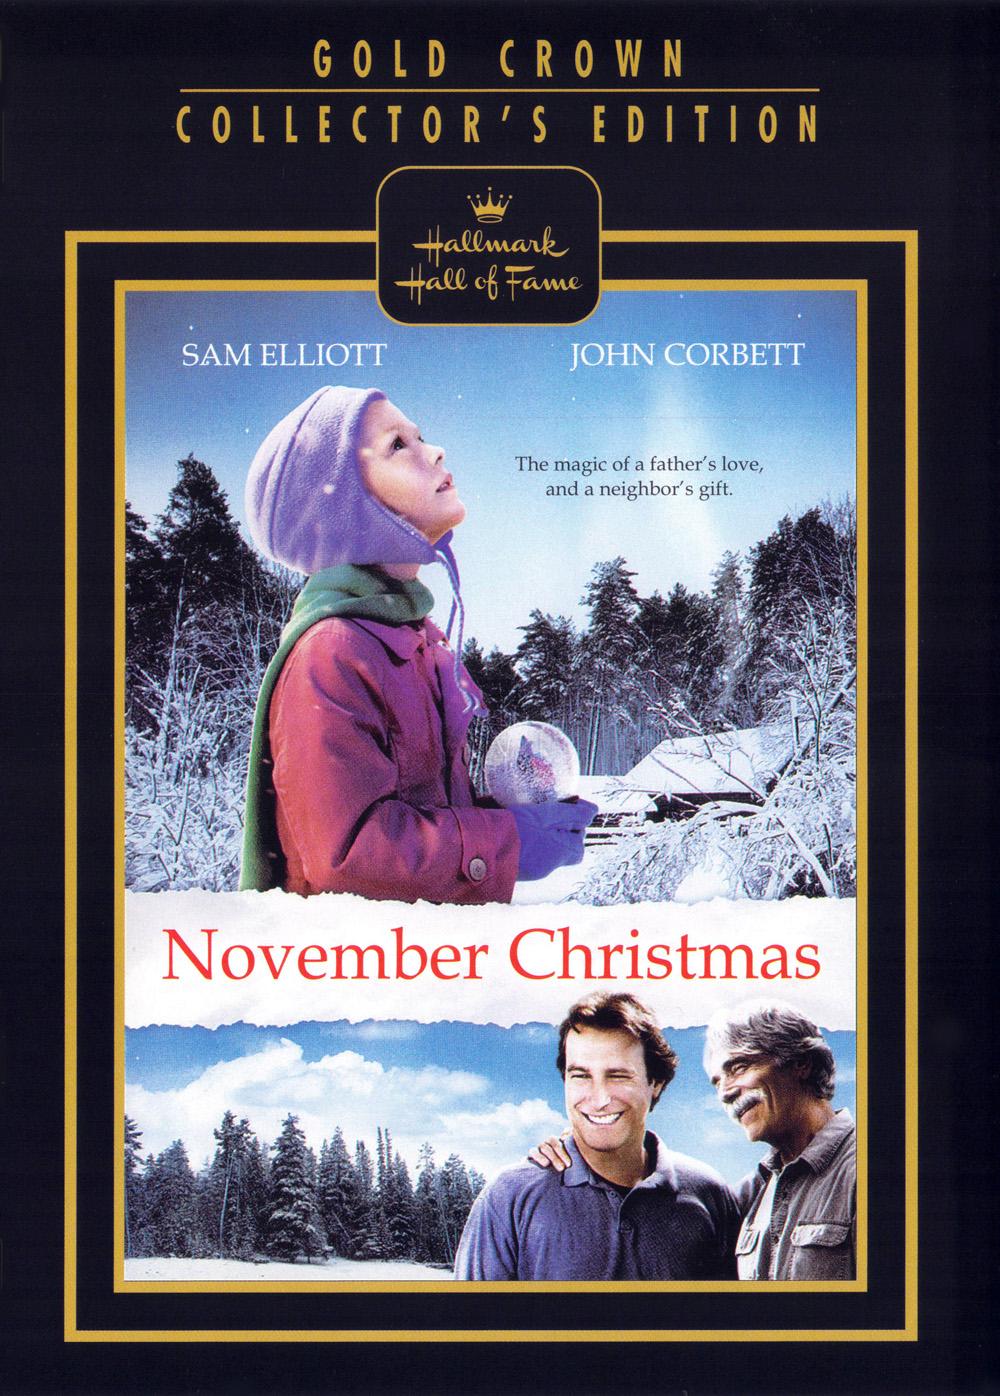 NOVEMBER CHRISTMAS (DVD, 2010) - HALLMARK HALL OF FAME - NEW DVD ...